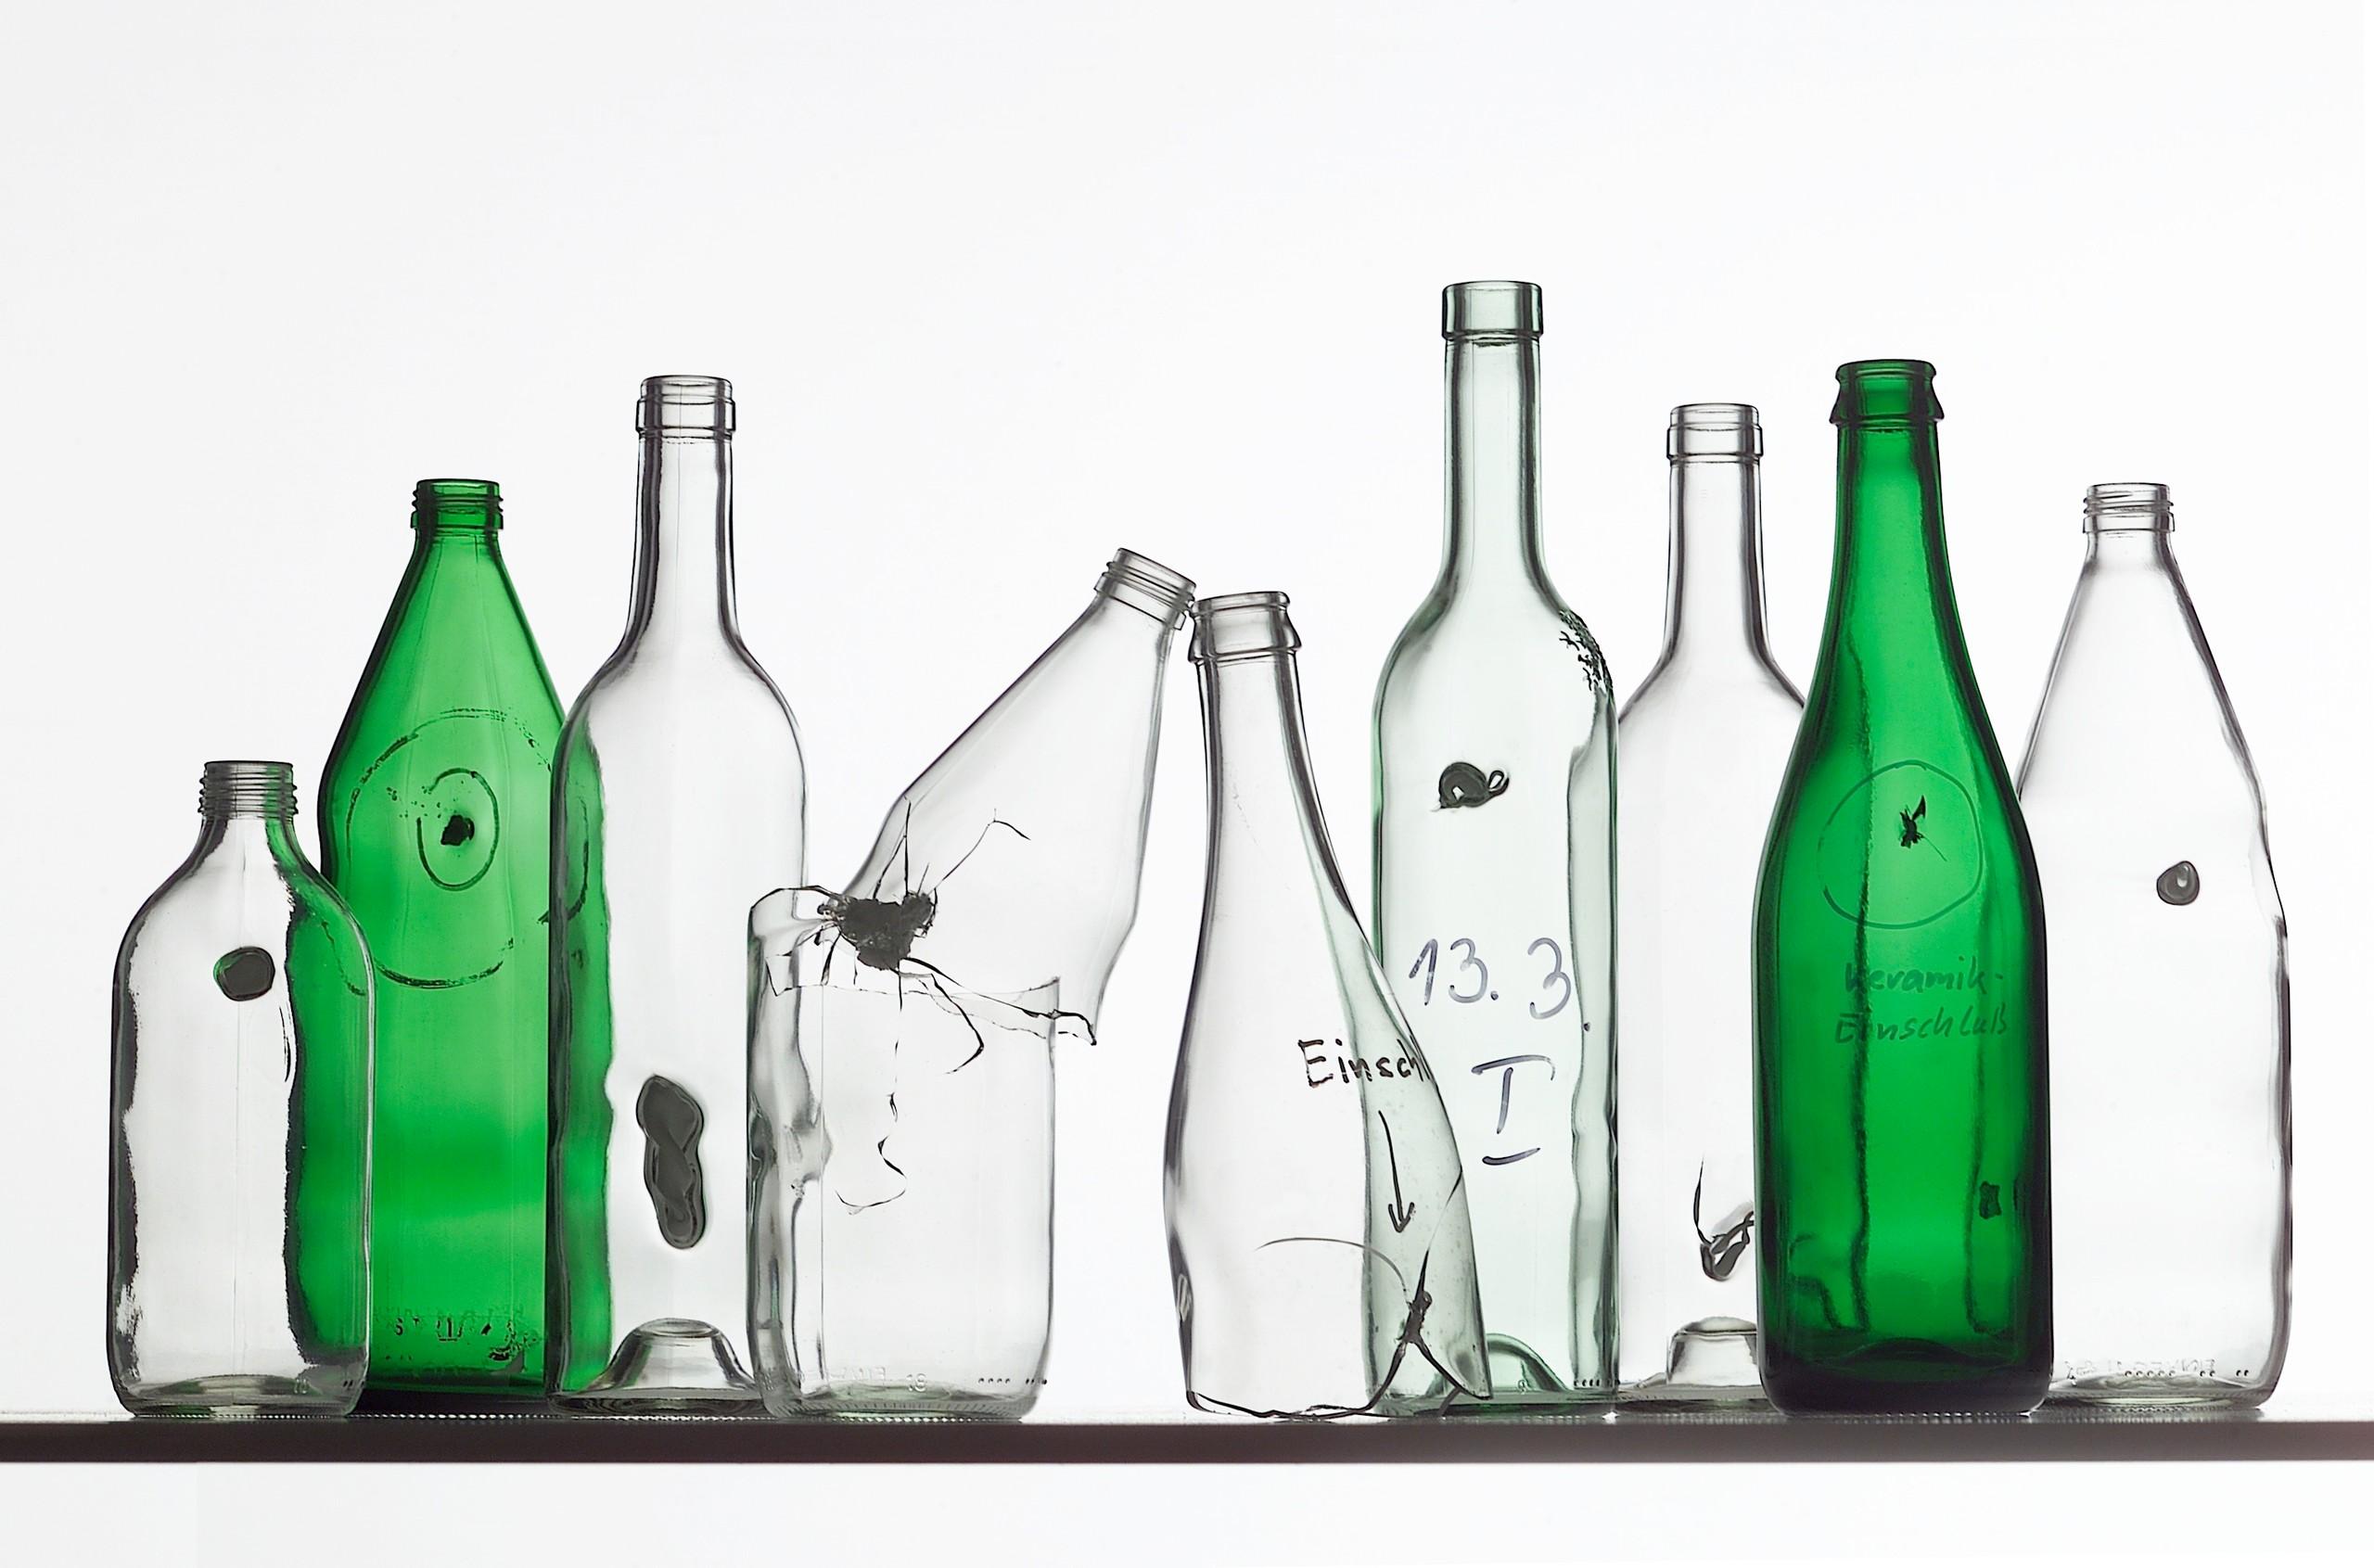 Mehrere durchsichtige und zwei grüne Flaschen, die alle fehlerhaft sind, da sie sogenannte Einschlüsse aus anderen Materialien enthalten.